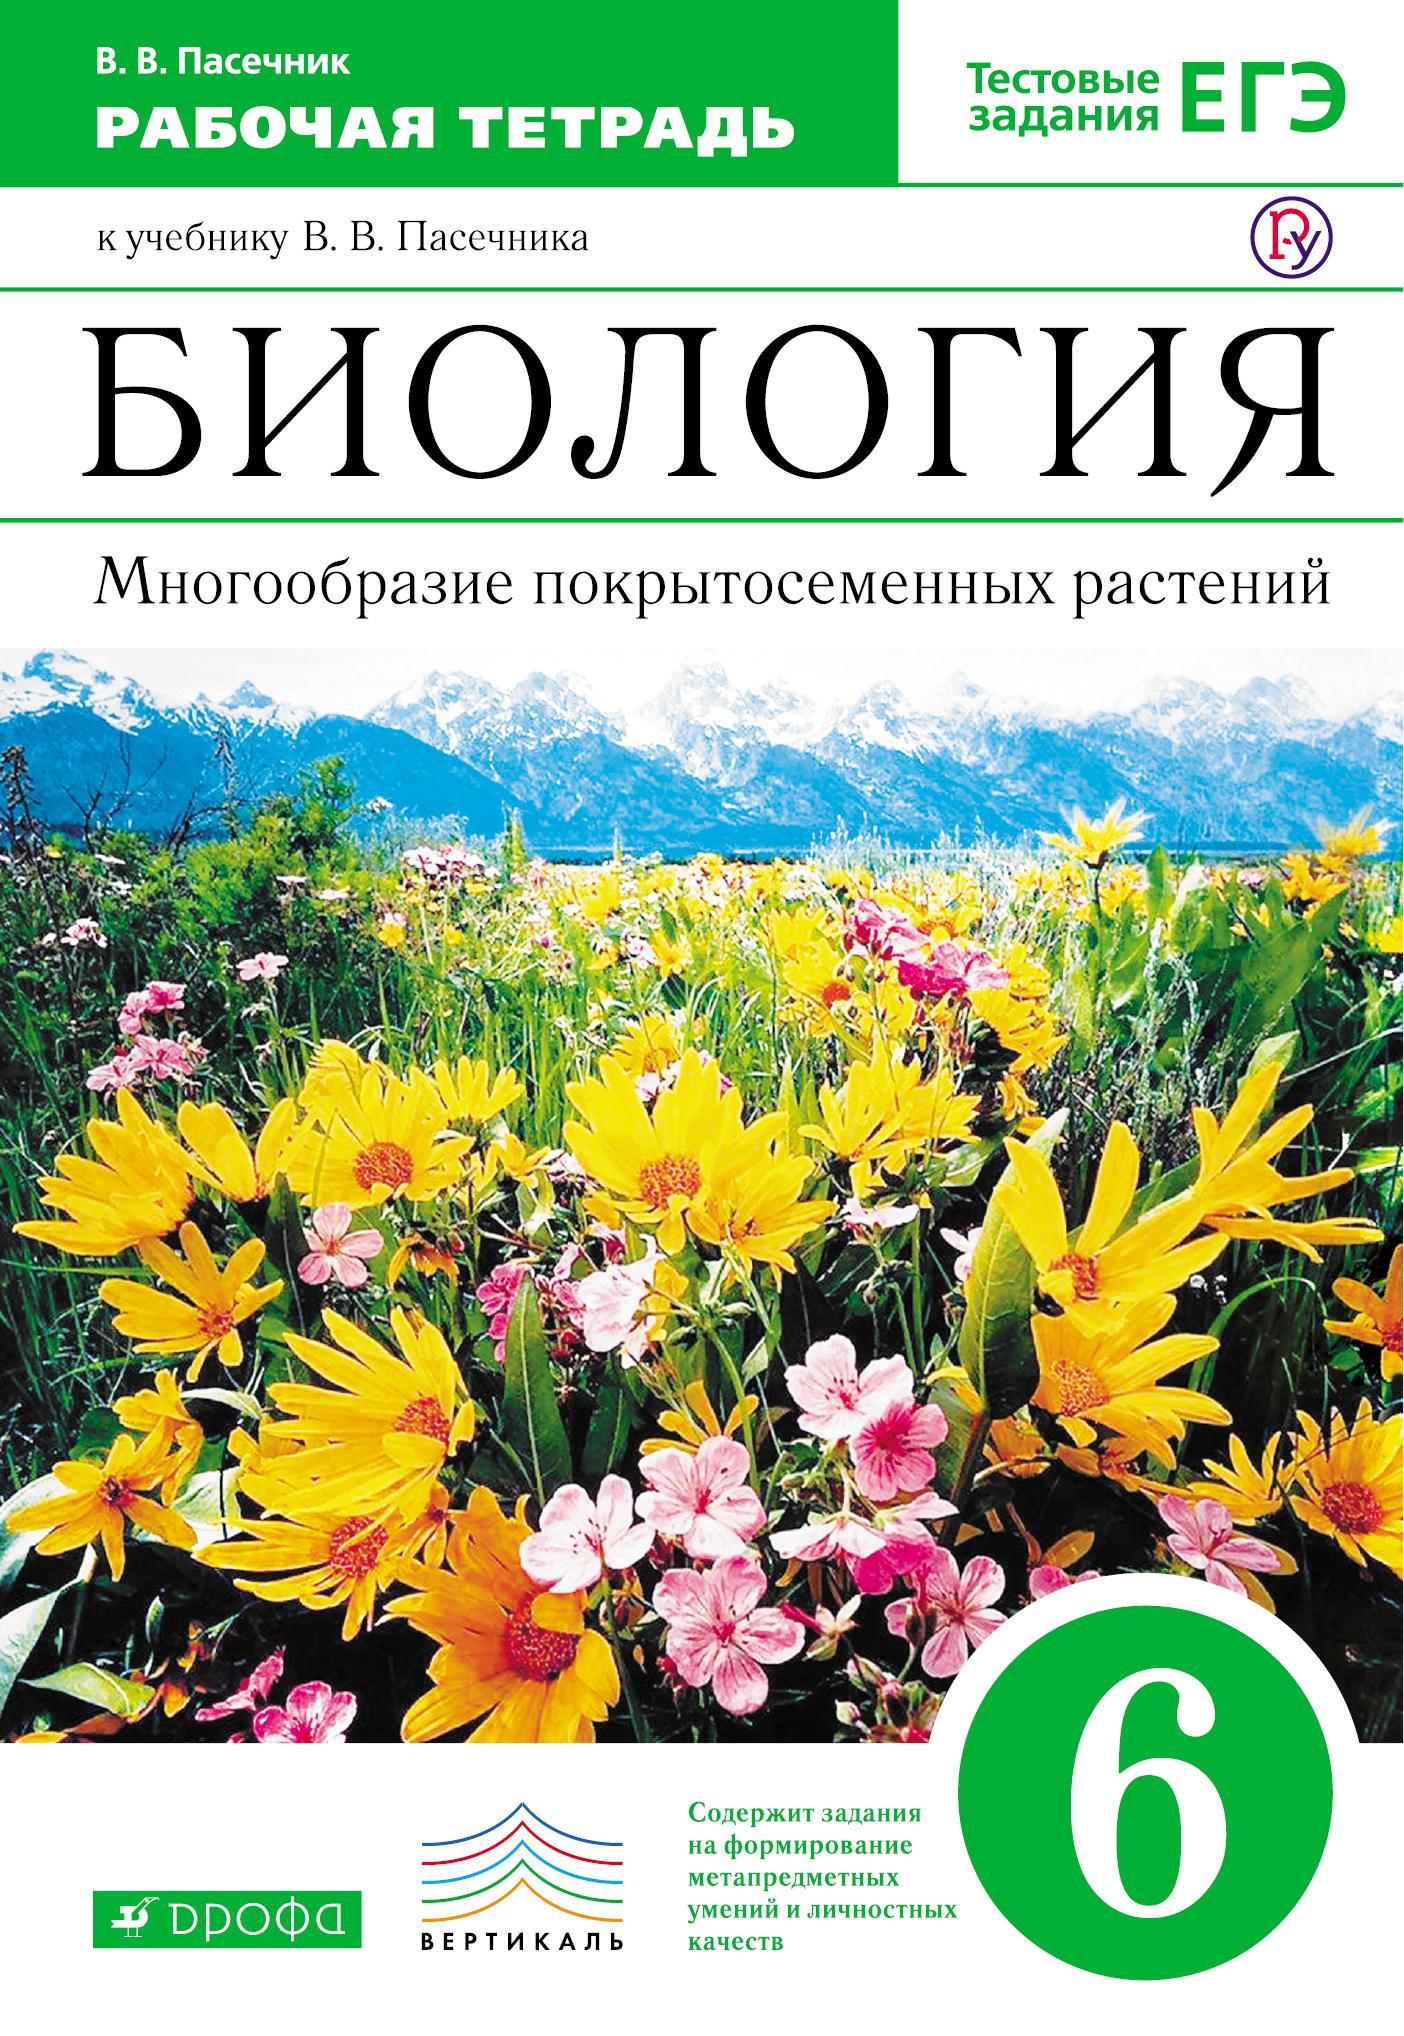 Биология. 6 класс. Многообразие покрытосеменных растений. Рабочая тетрадь